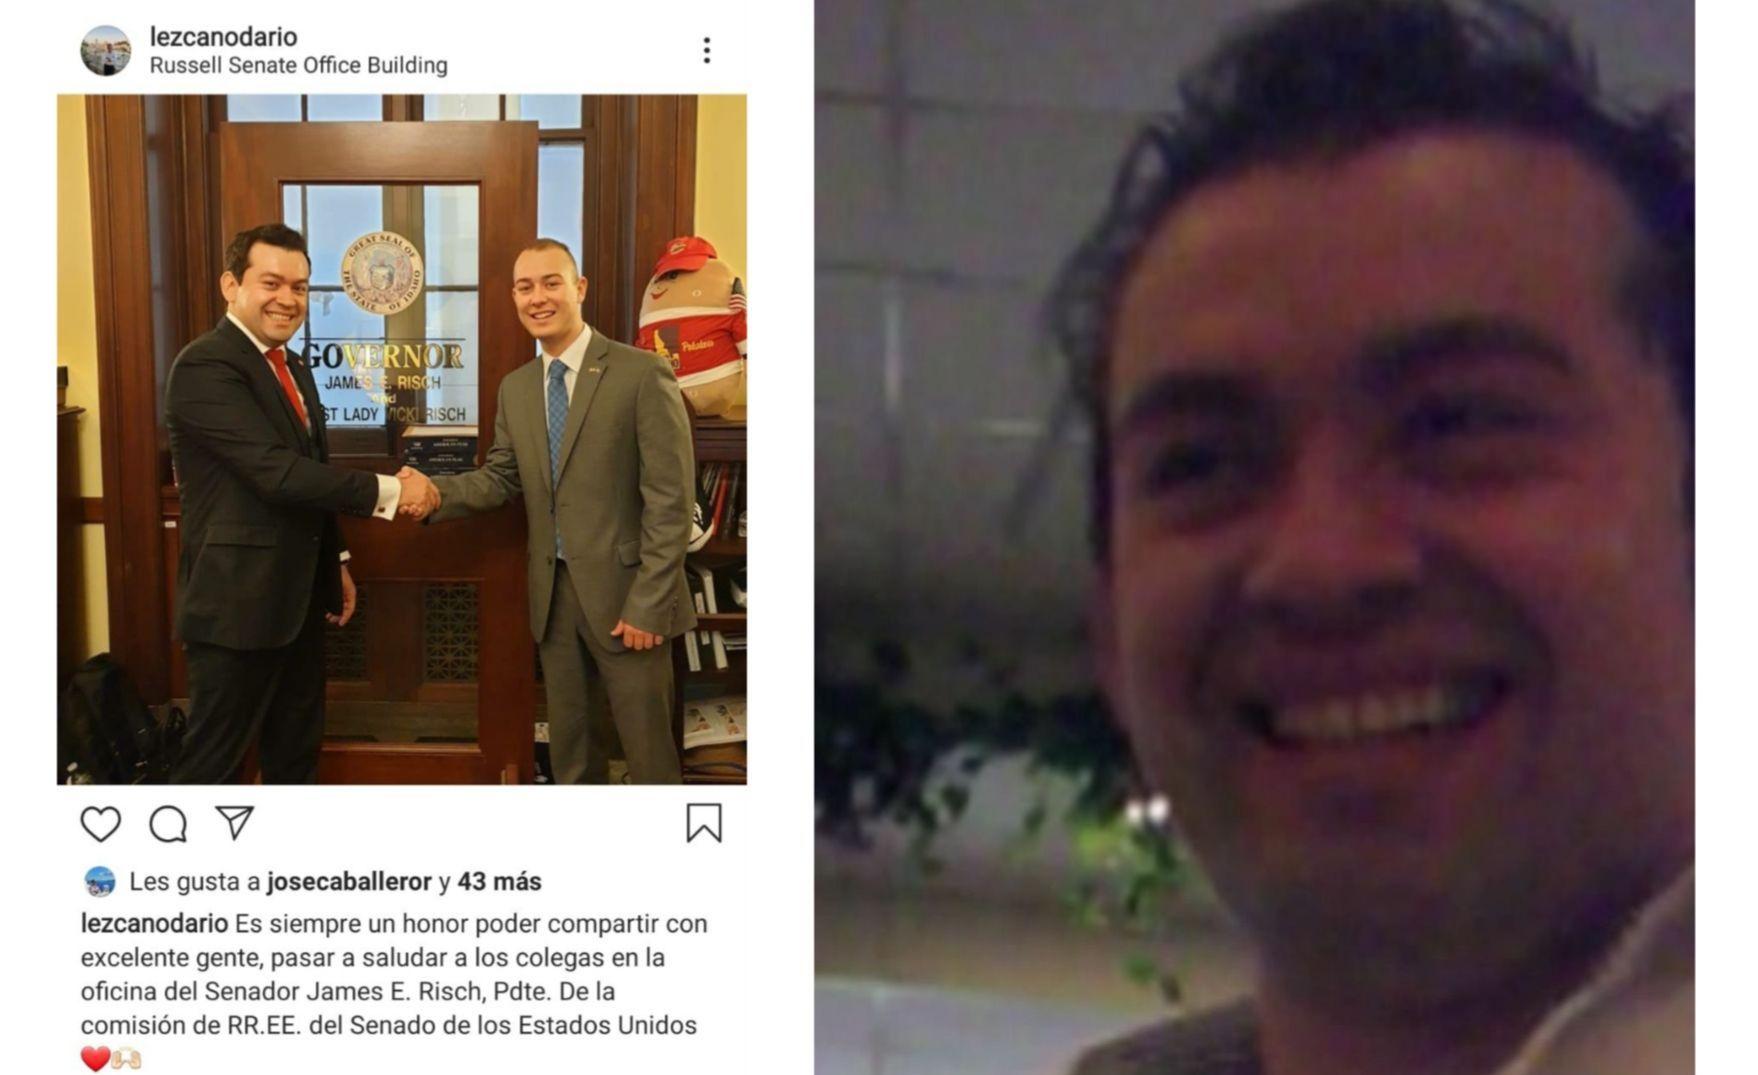 Dos momentos de Darío Lezcano: haciendo contactos en los Estados Unidos y sonriente en una cámara oculta en plena negociación de un apriete.